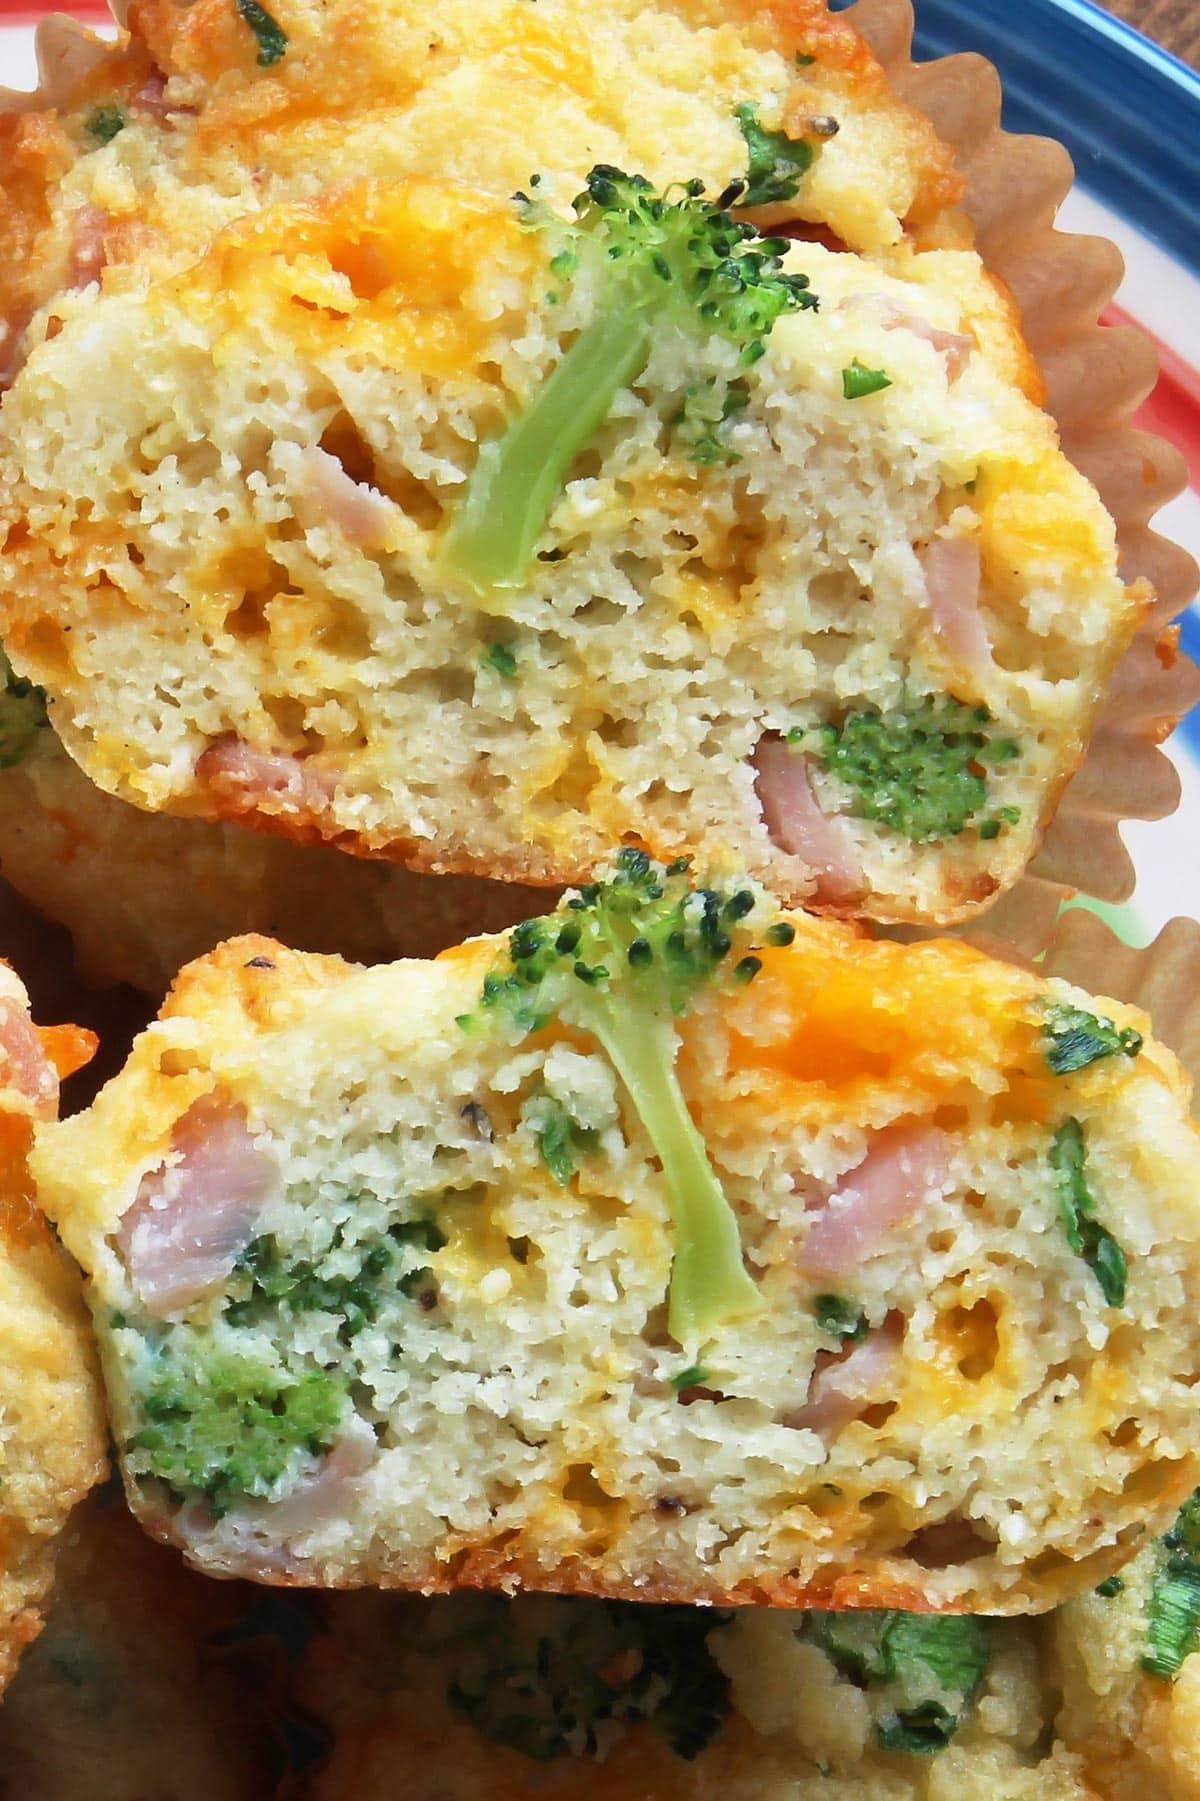 Keto Broccoli Muffins cut in half